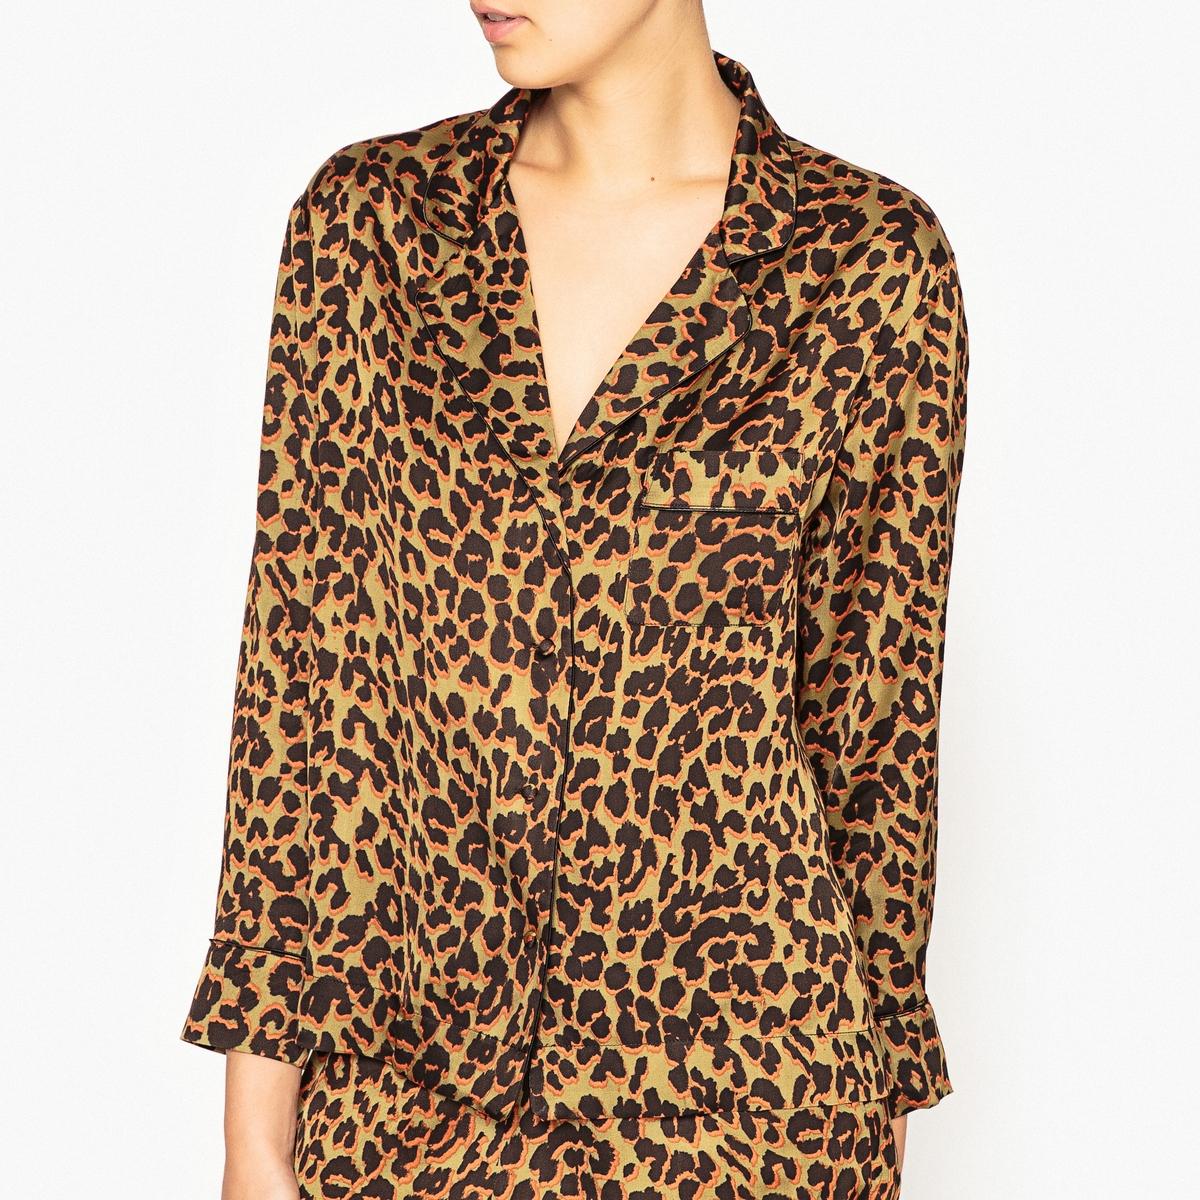 Рубашка от пижамы с рисунком JUDE XLРубашка от пижамы с рисунком LOVE STORIES - модель JUDE XL.Детали  •  Нагрудный карман с тесьмой •  Пуговицы обтянутые тканью •  Пижамный воротник •  Манжеты с отделкой тесьмойСостав и уход  •  52% вискозы, 48% района •  Следуйте советам по уходу, указанным на этикетке<br><br>Цвет: леопард